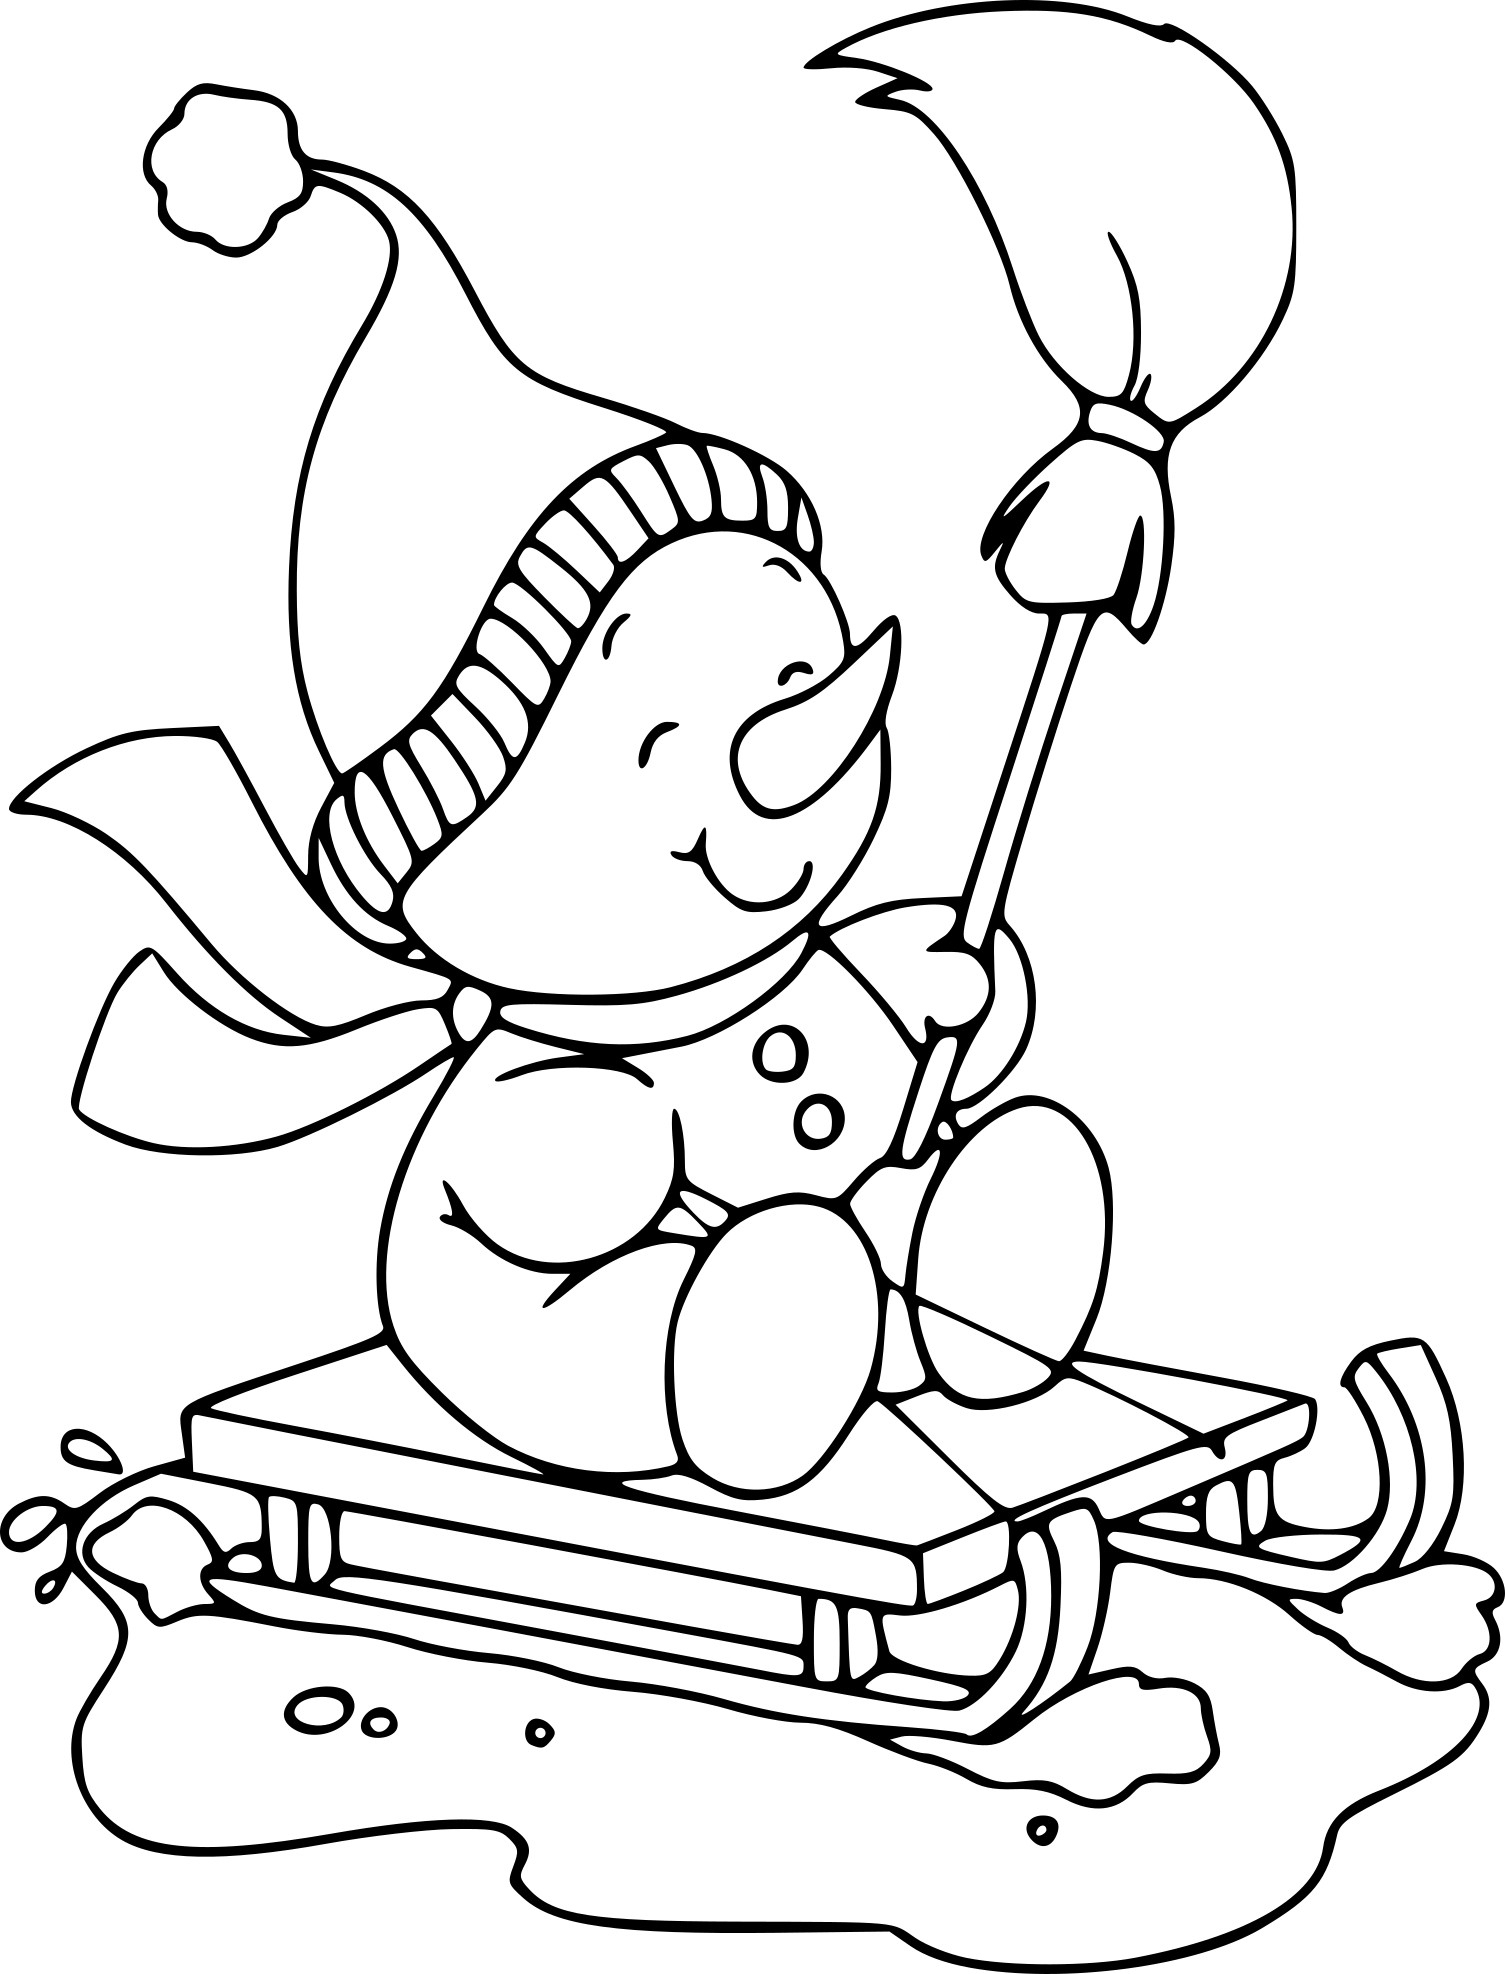 Coloriage Bonhomme De Neige Et Dessin À Imprimer destiné Dessin Bonhomme De Neige A Imprimer